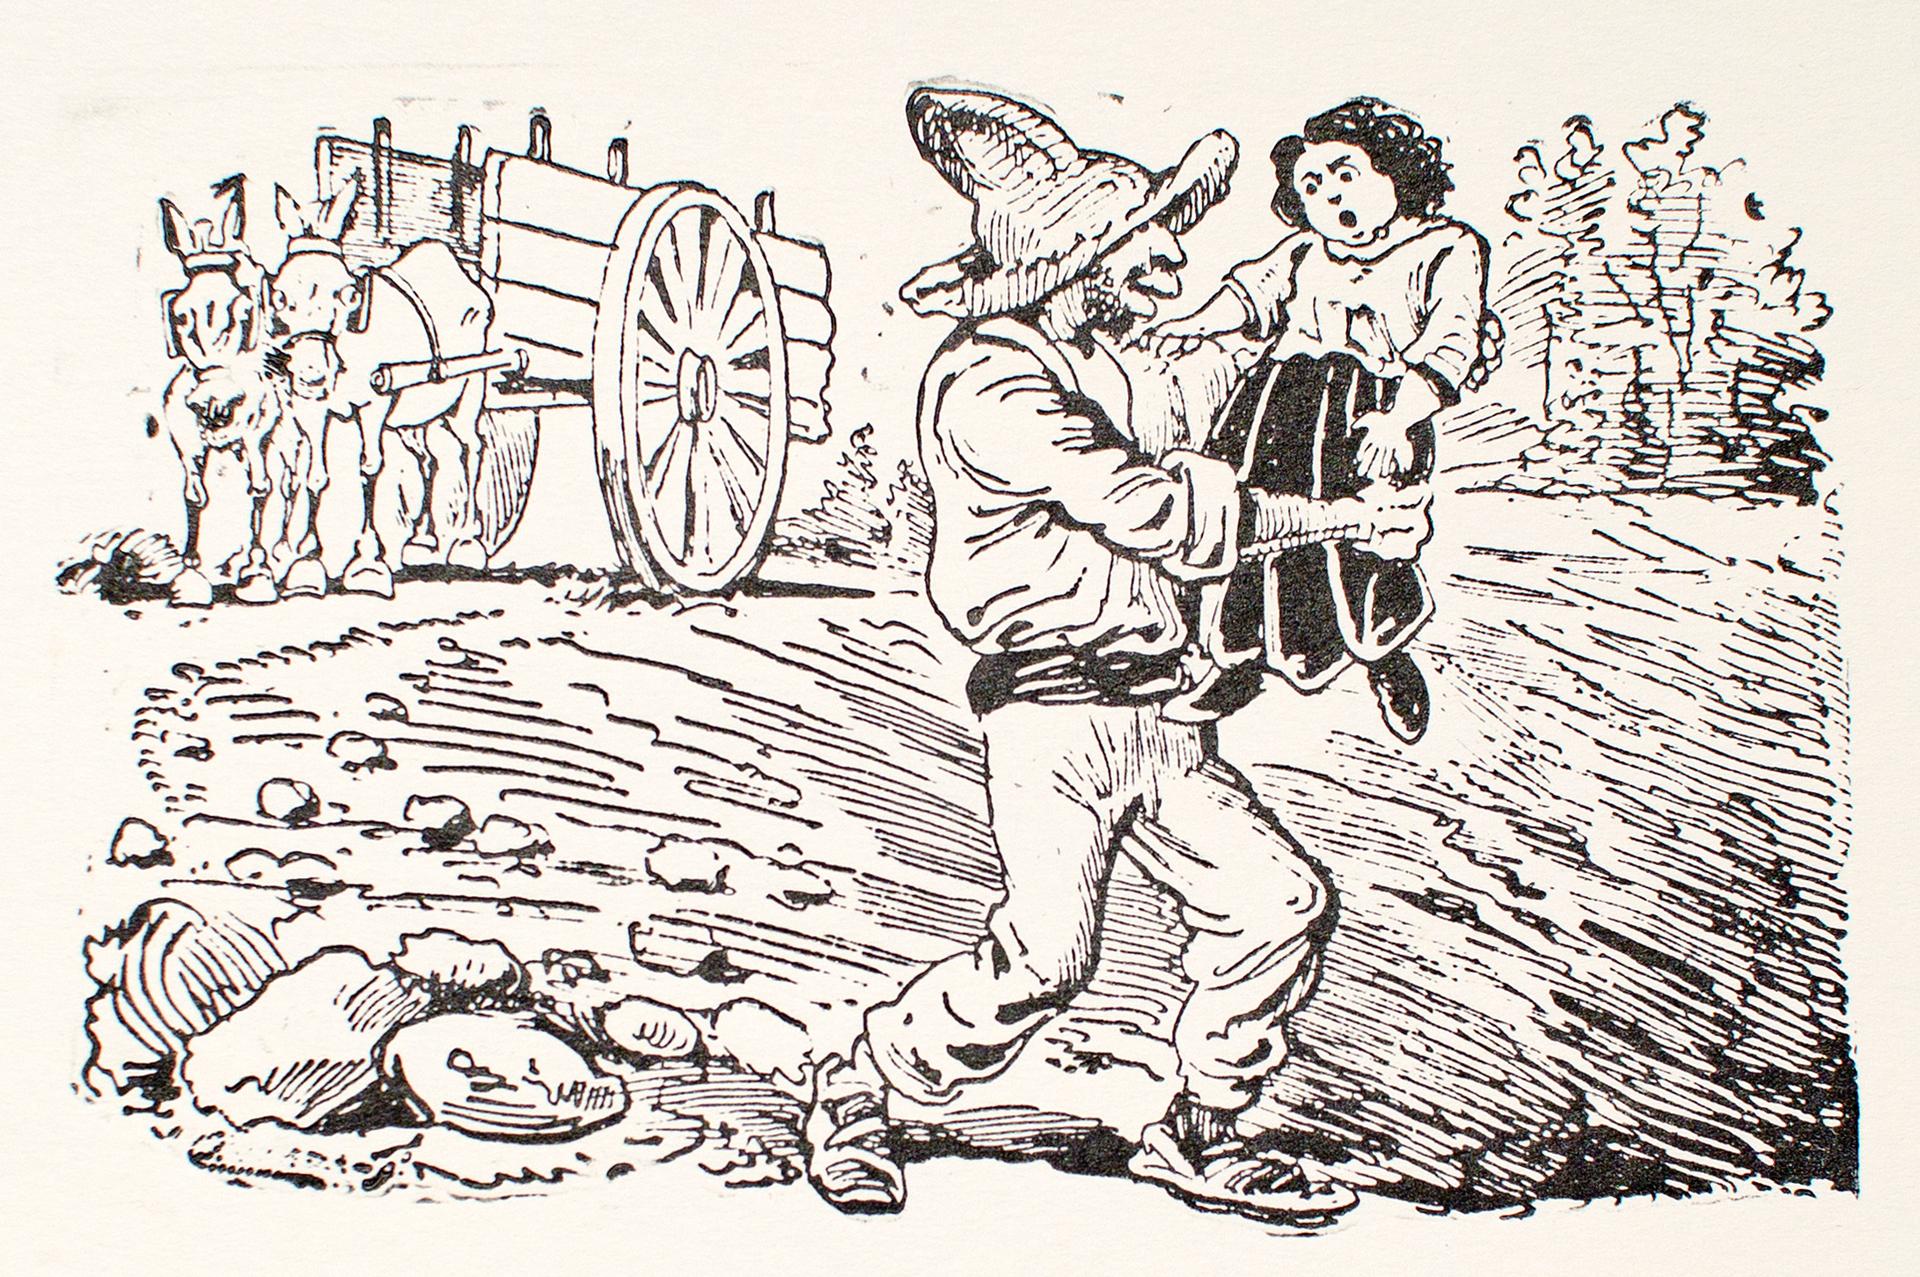 Decimas: Los roba-chicos en acción by José Guadalupe Posada (1852 - 1913)